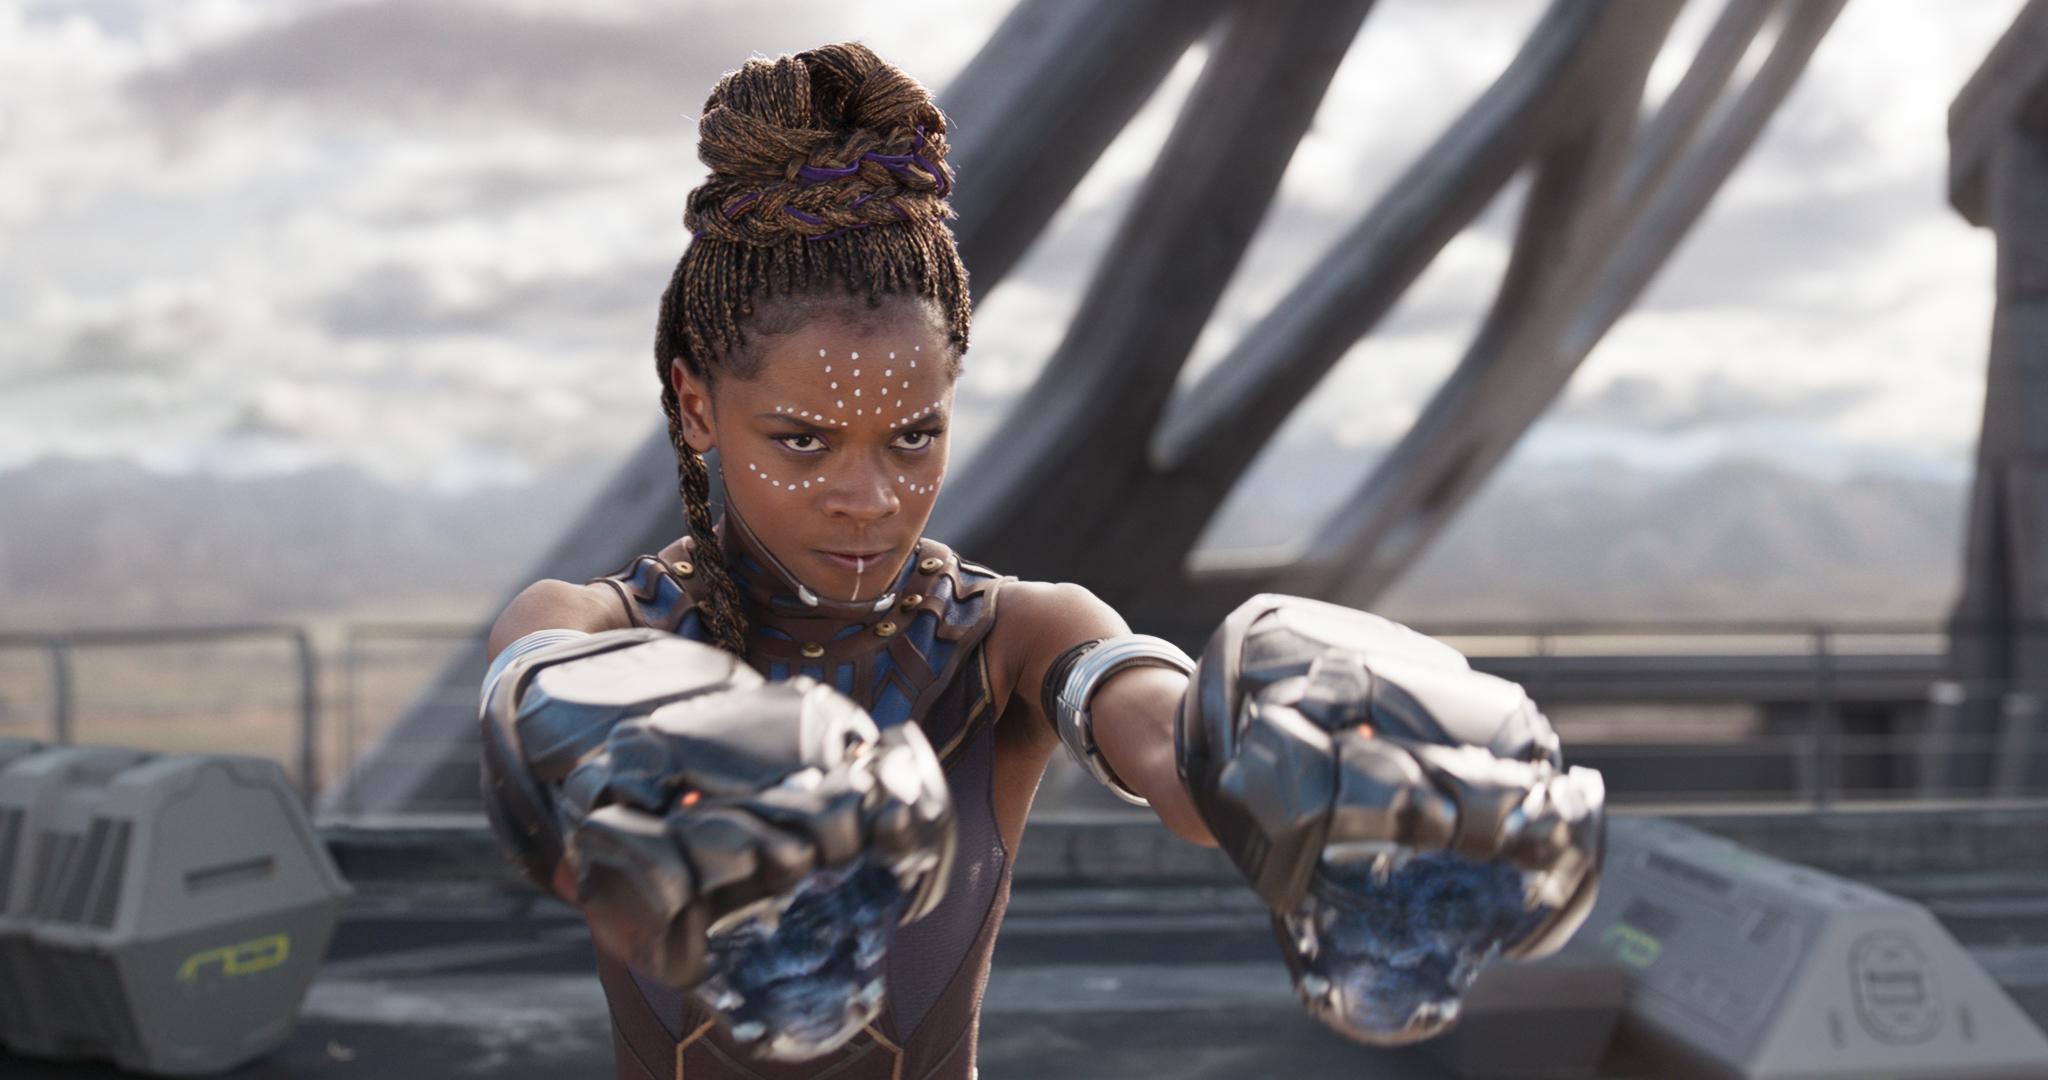 W'Kabi and Shuri, Black Panther, Black Panther Interviews, Black Panther Movie